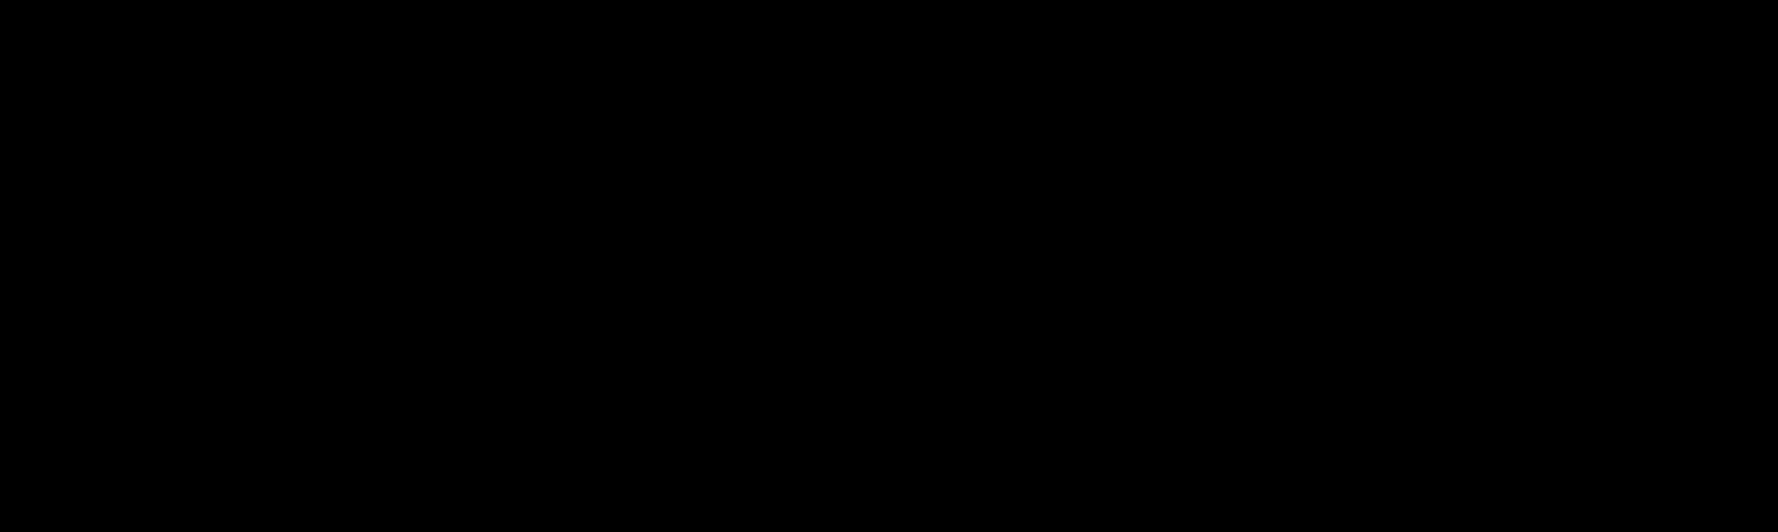 로지텍 - 마이크